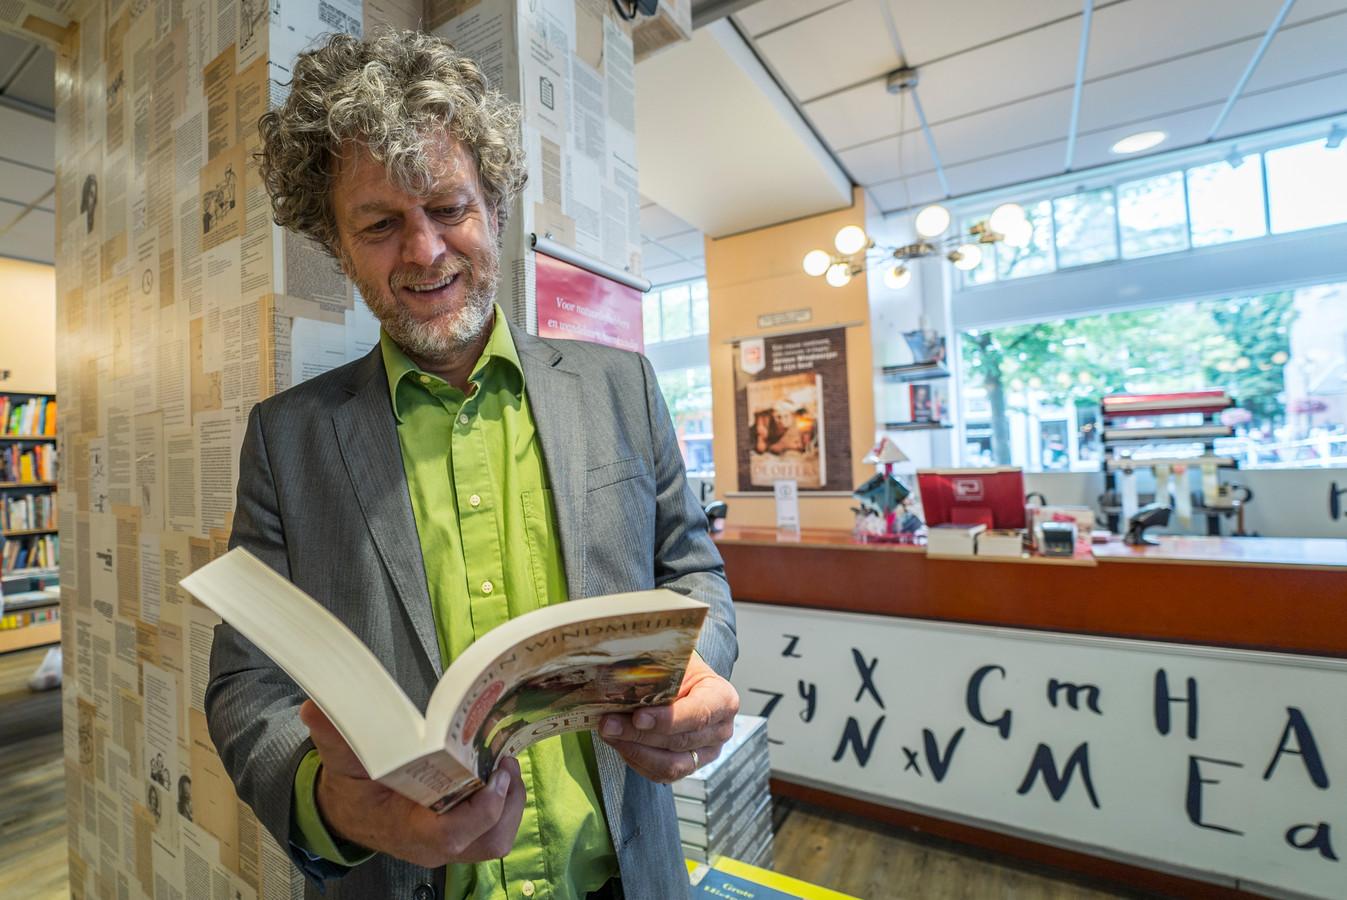 Schrijver Jeroen Windmeijer signeert in boekhandel Het Paard van Troje in Goes.